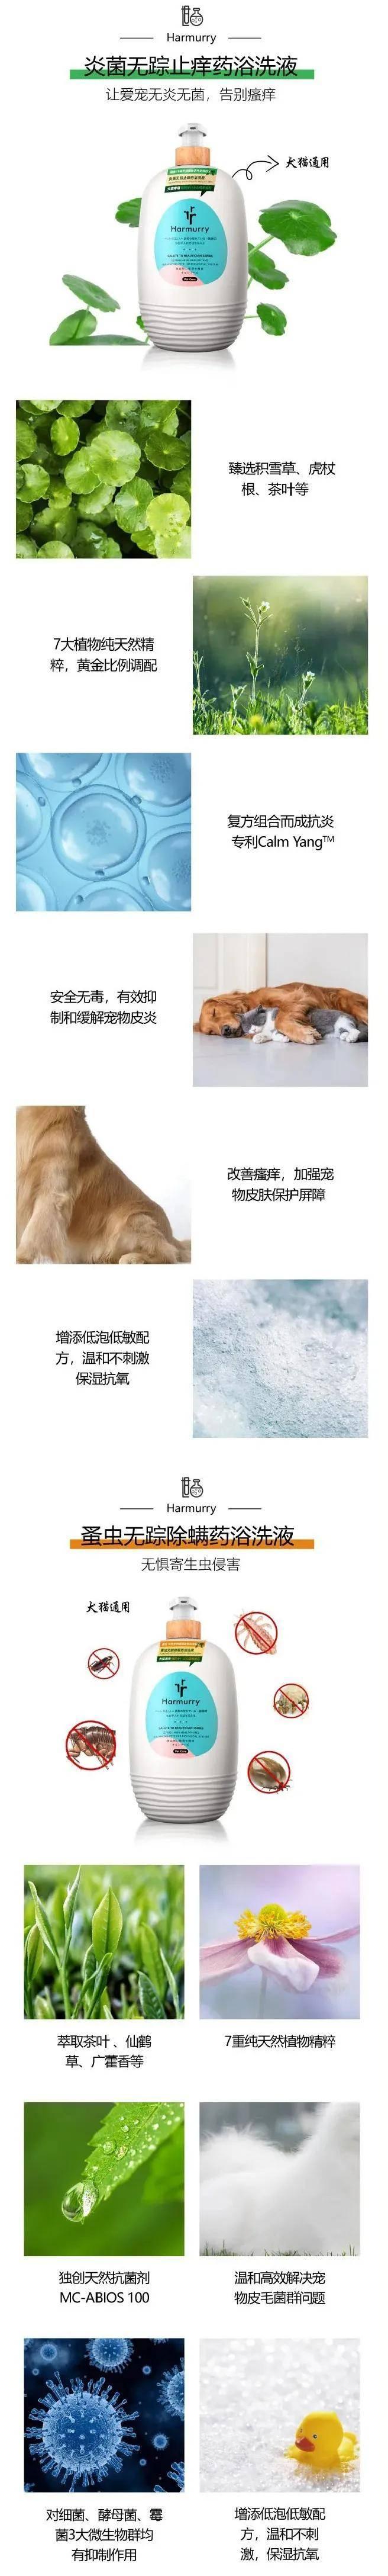 """江苏王牌狮科技牵头,约谈12+国际品牌相继进驻2020广西宠物展,官方总冠名日本""""Harmurry和颜沐语"""""""